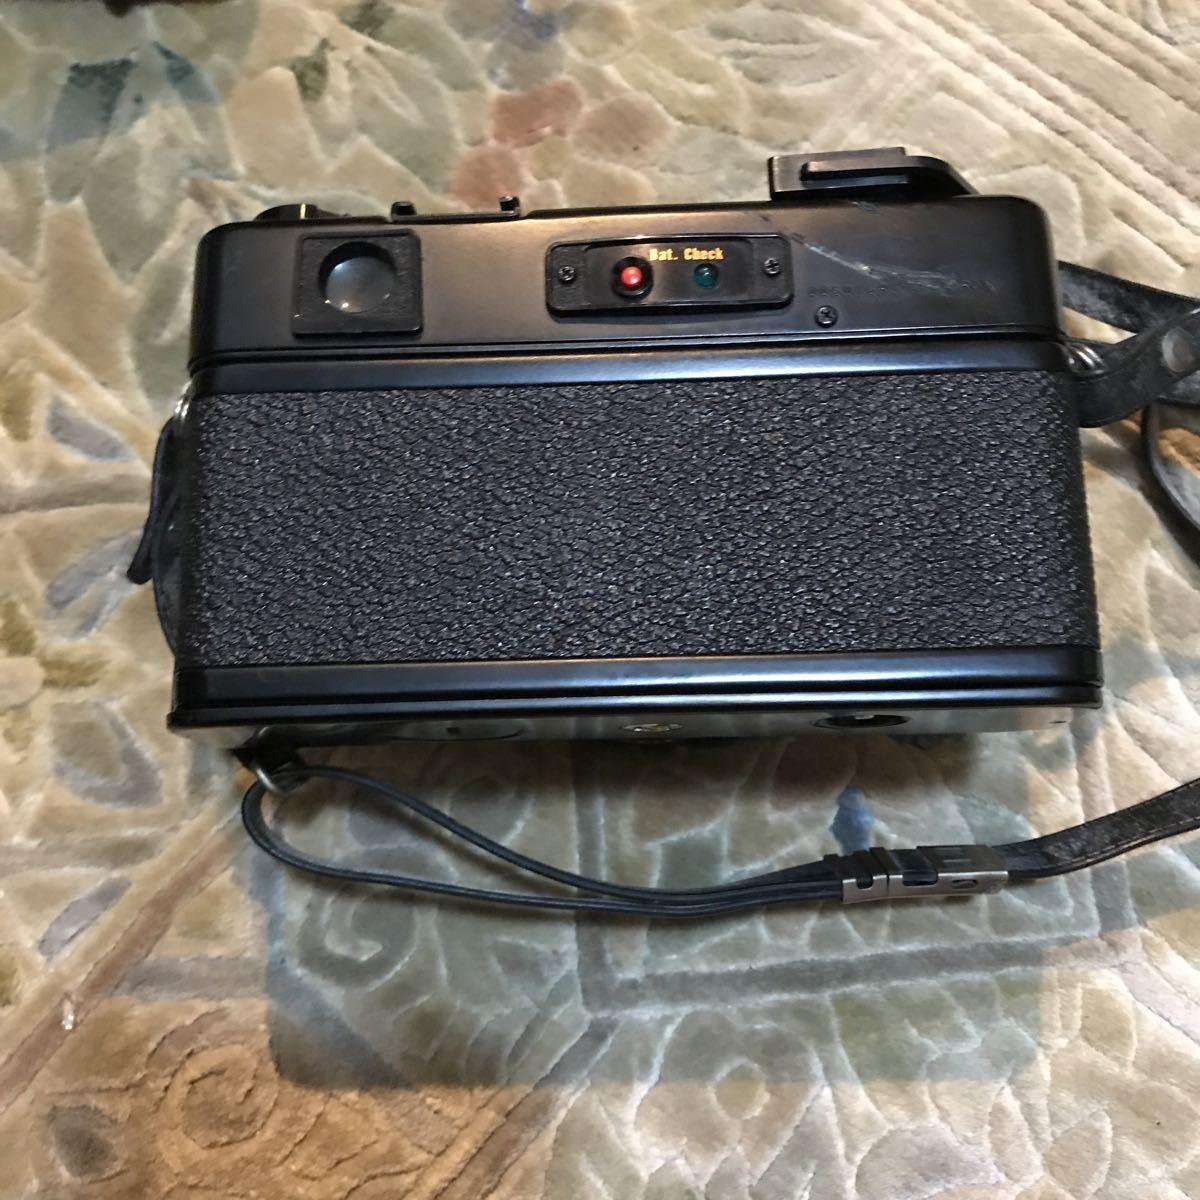 Yashica Electro 35 GT ブラック ヤシカ エレクトロ 35 レンジファインダー 一眼レフ フィルムカメラ_画像7